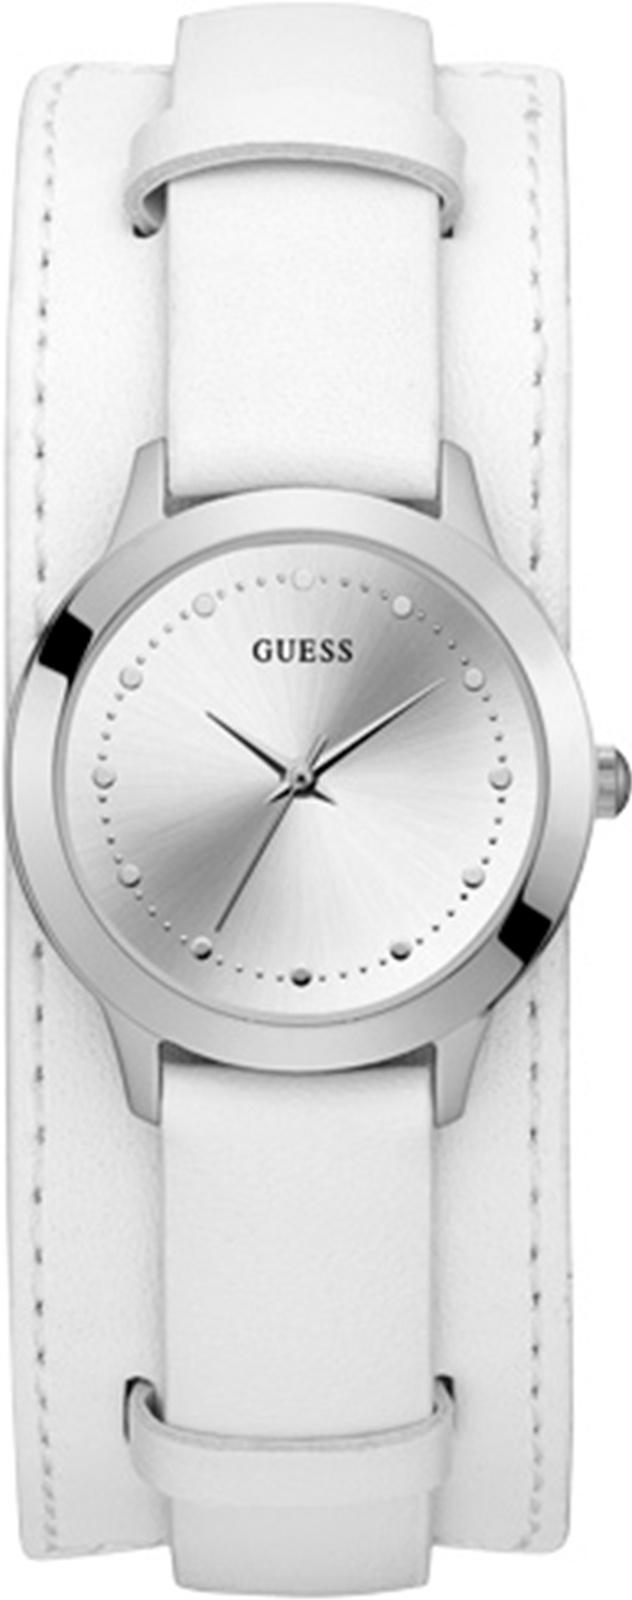 Часы Guess CHELSEA, белый, серебристый цена и фото